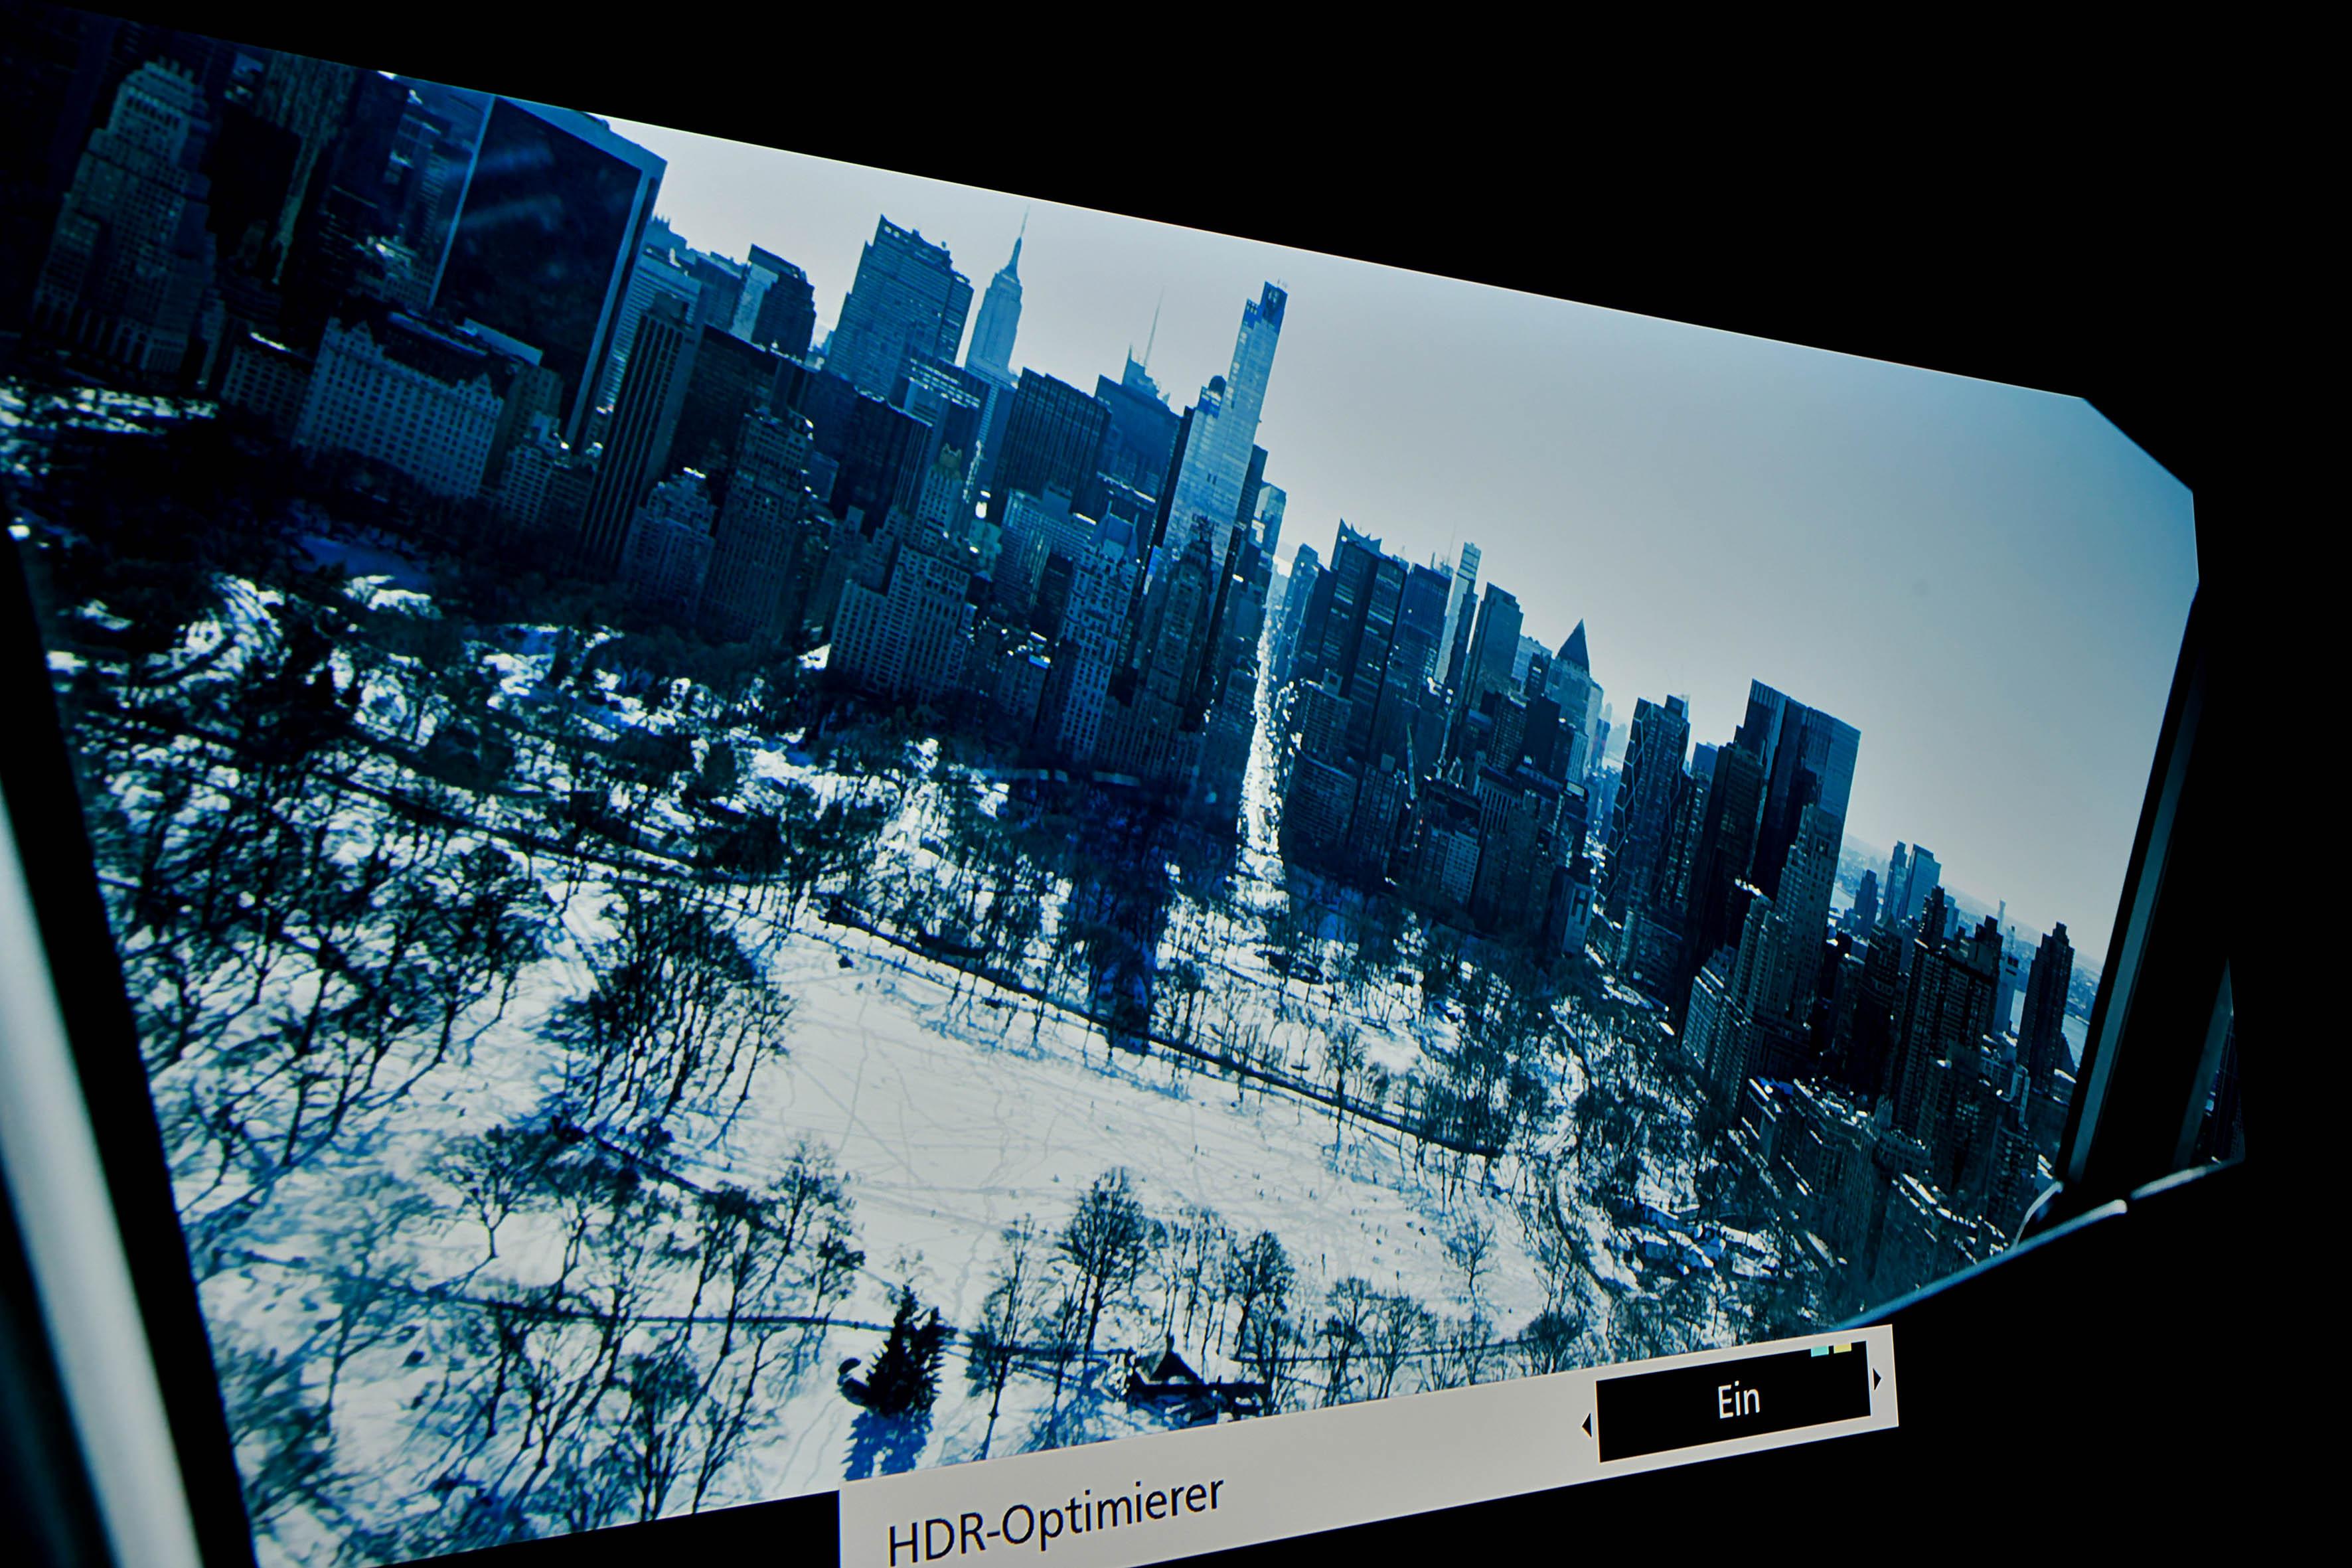 """HDR – Screenshot aus dem Film SULLY mit eingeschaltetem """"HDR Optimierer"""""""